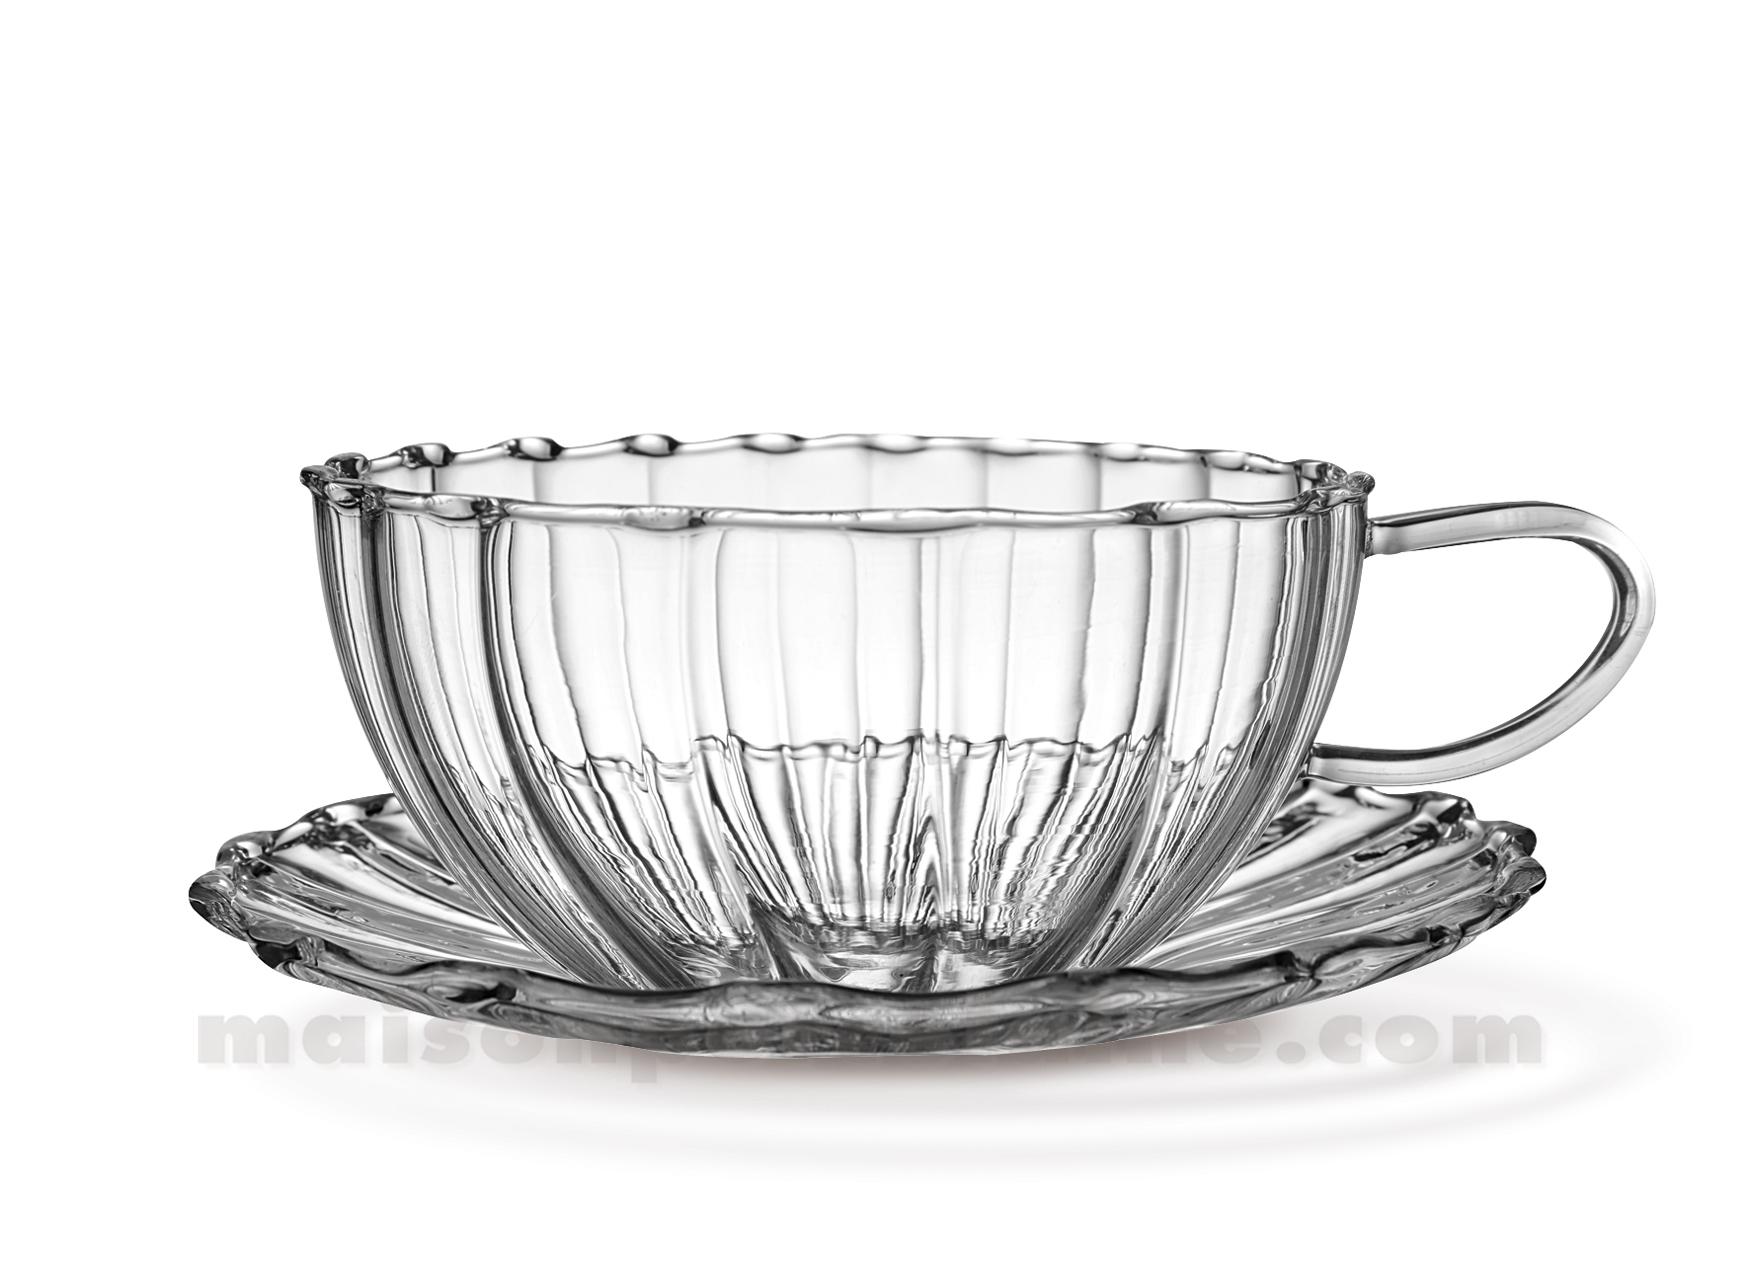 tasse scpe the verre godrons 22 5cl set 2 maison de la porcelaine. Black Bedroom Furniture Sets. Home Design Ideas